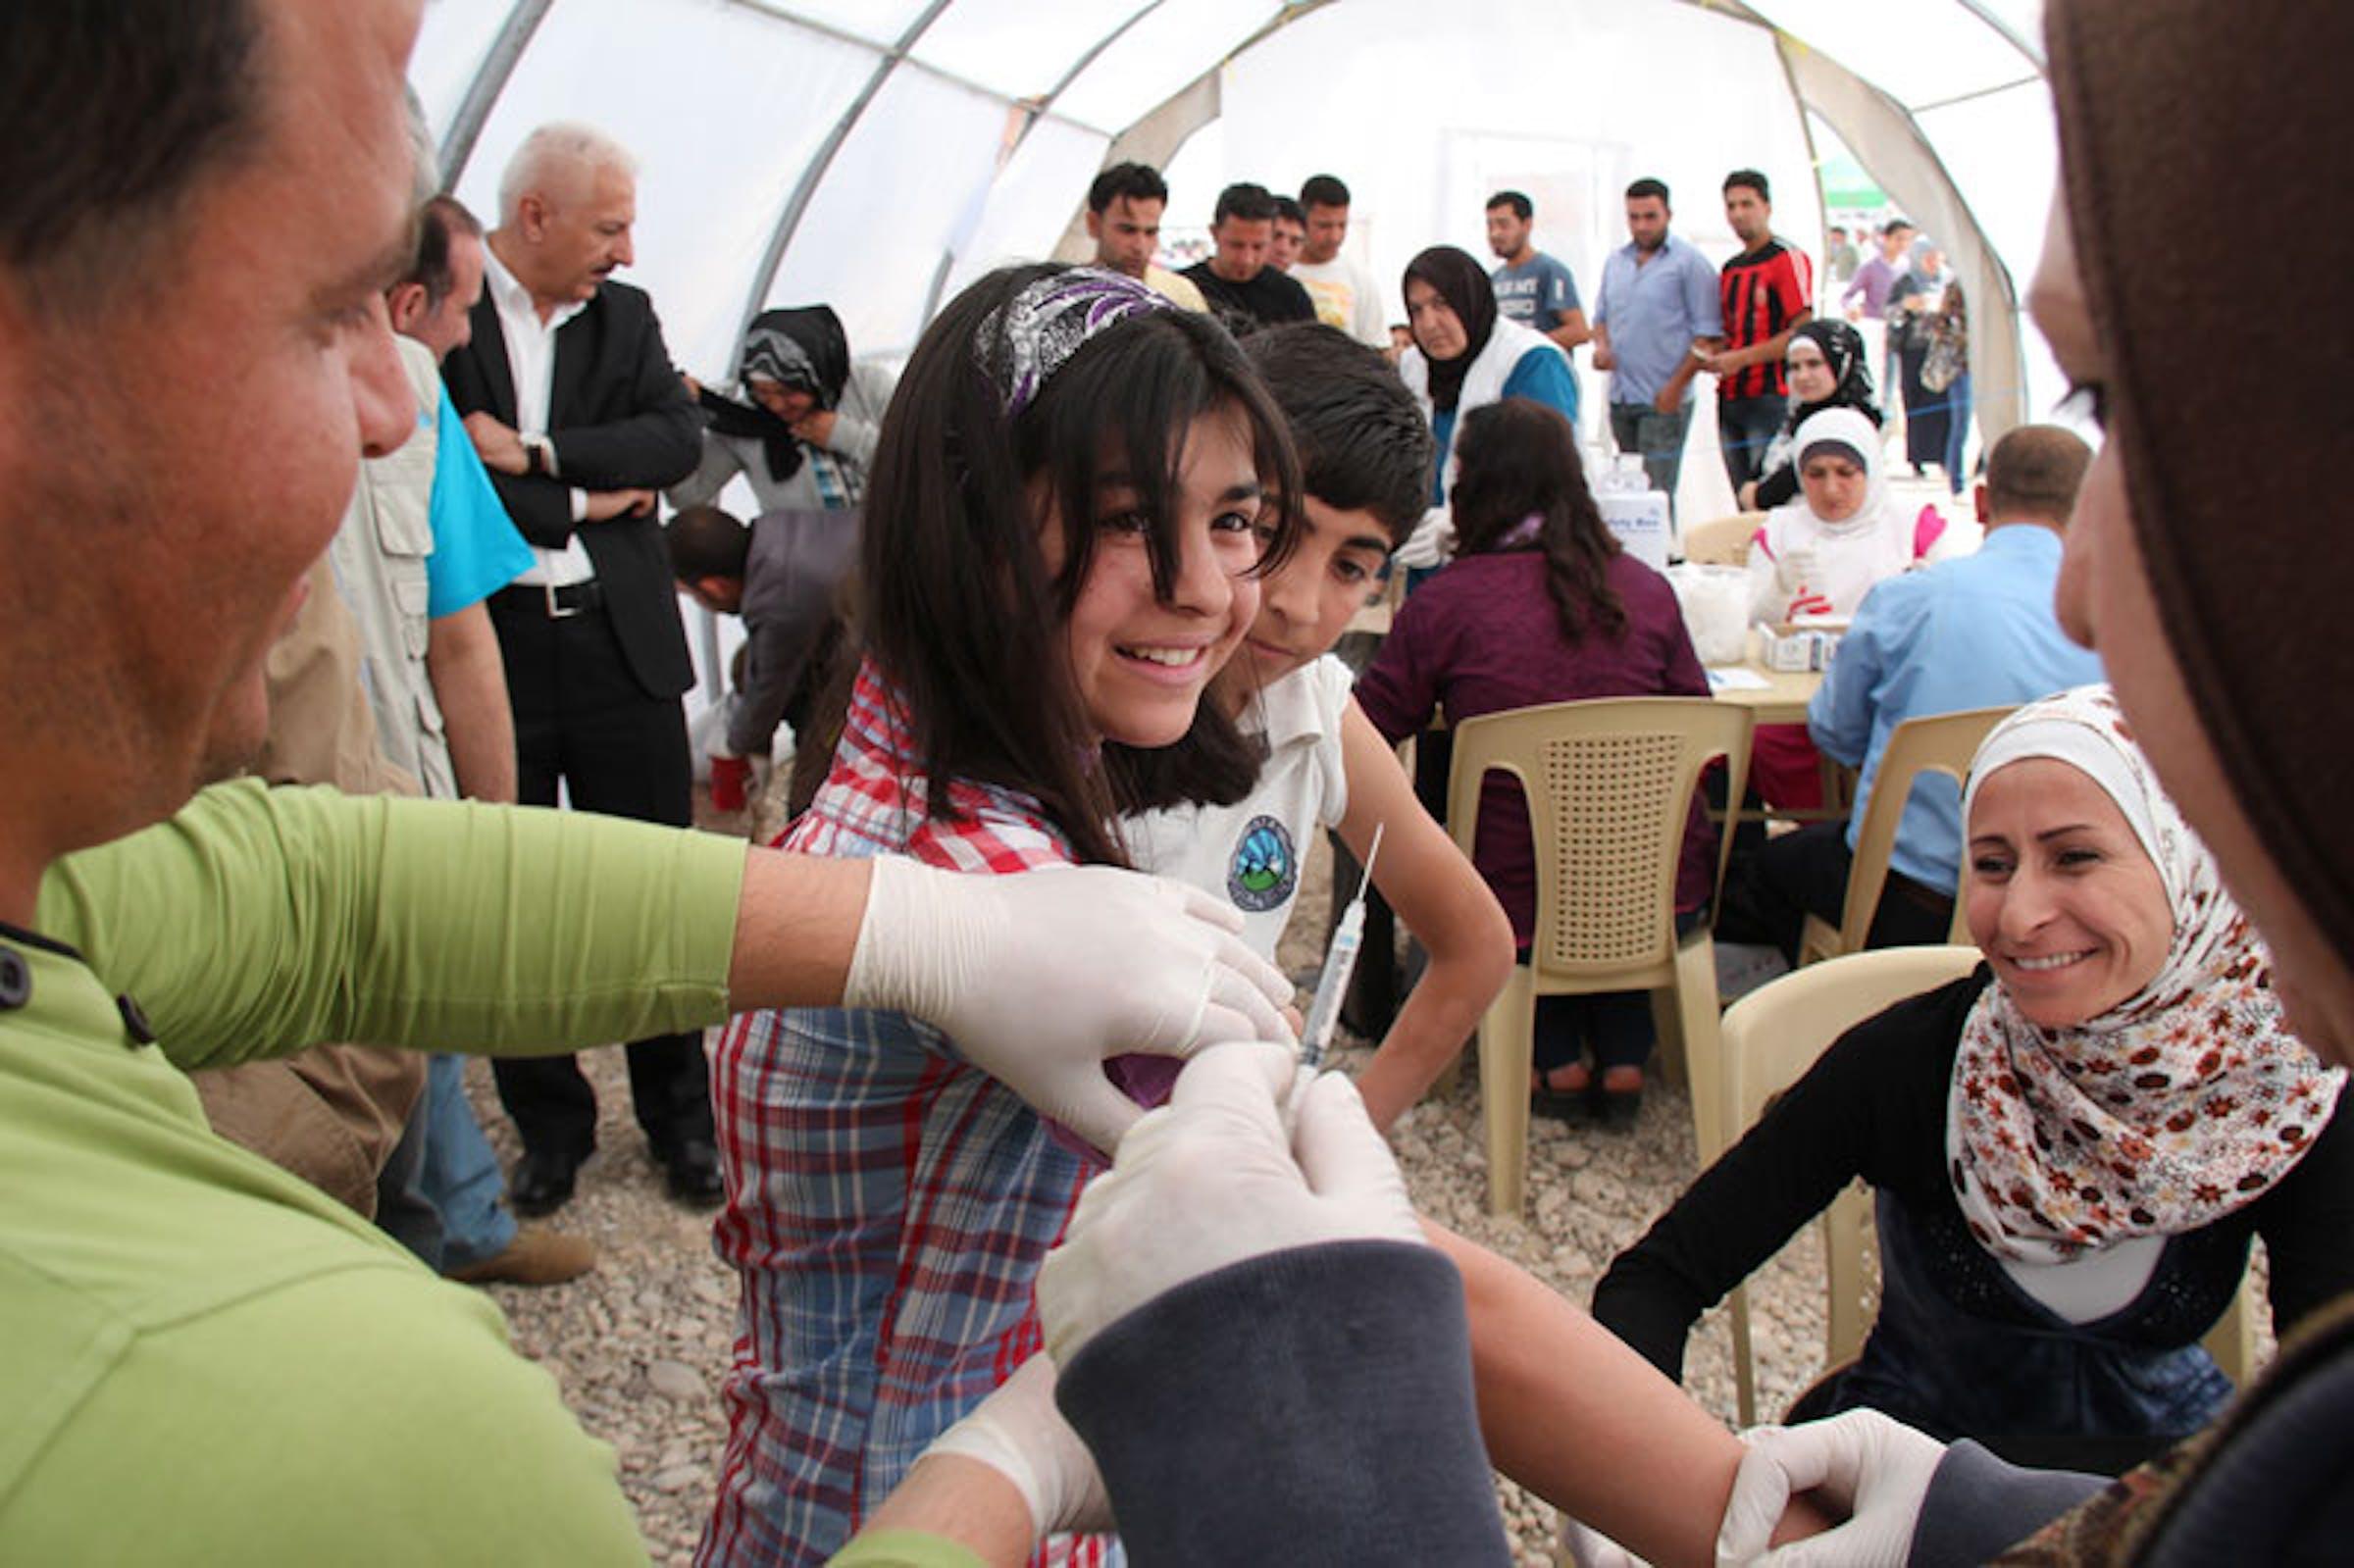 Una ragazza siriana viene vaccinata contro il morbillo nel campo profughi di Domiz, in Iraq - ©UNICEF Iraq/2013/Salam Abdulmanem